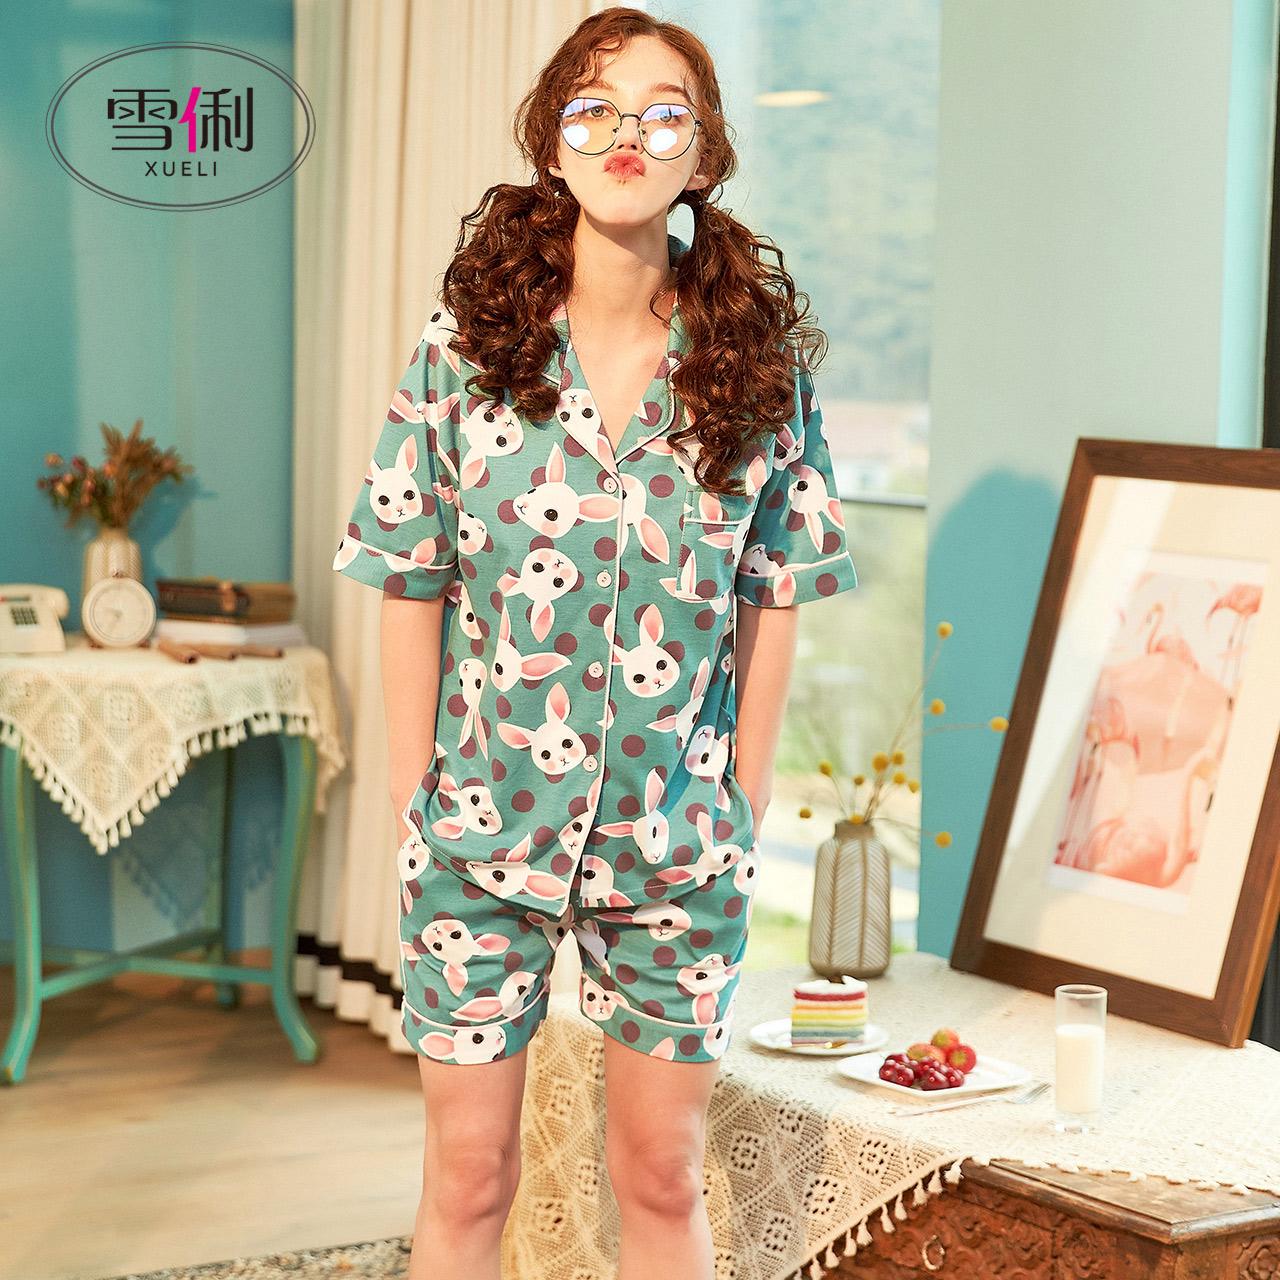 雪俐睡衣女夏季短袖短裤棉质卡通薄款夏天两件套可爱家居服女套装